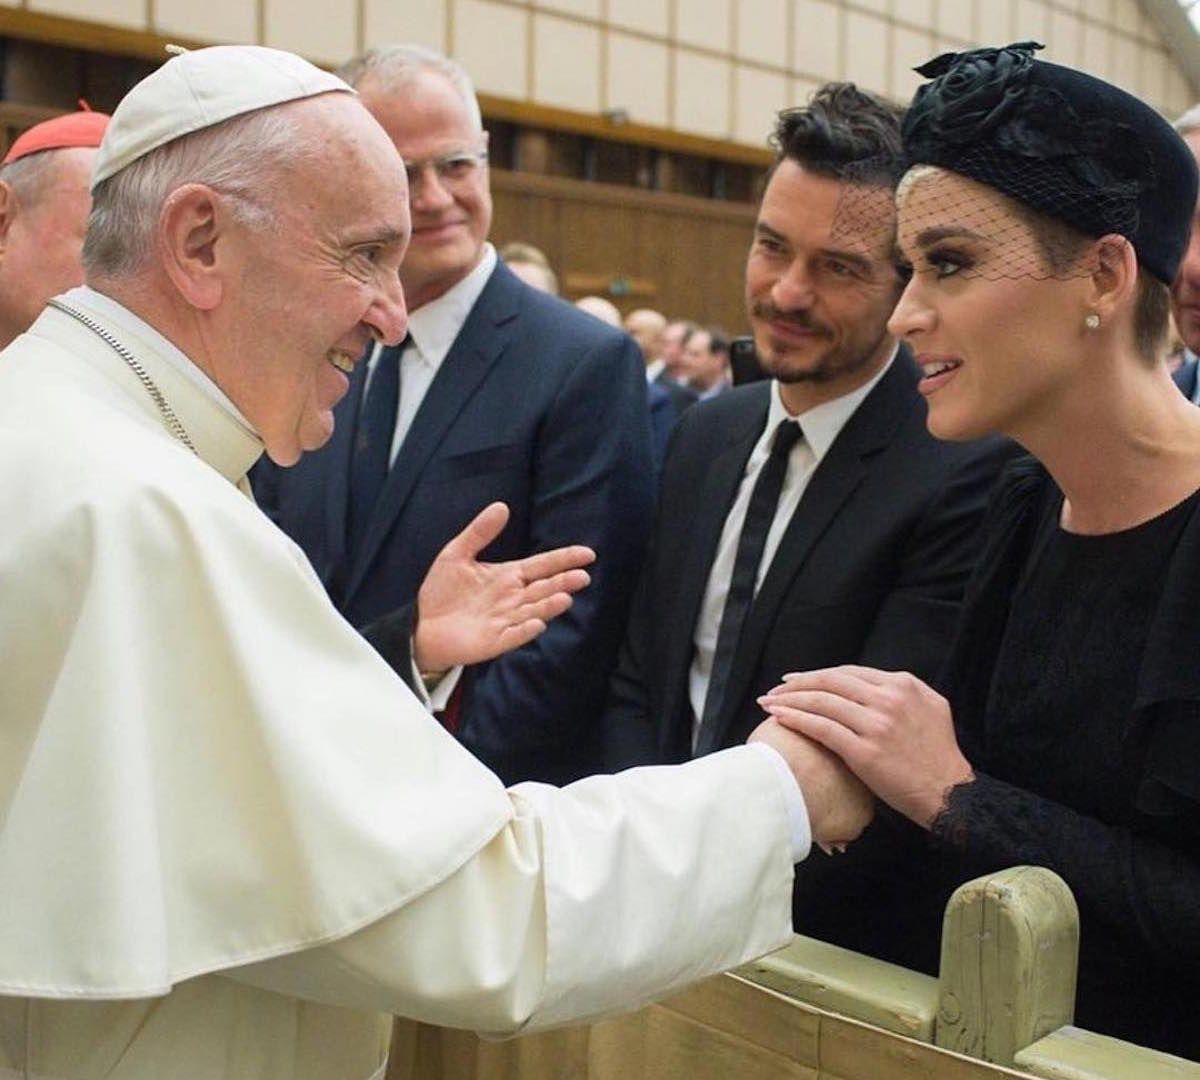 Katy Perry y Orlando Bloom frente al papa Francisco en abril de 2018 (Foto Instagram)